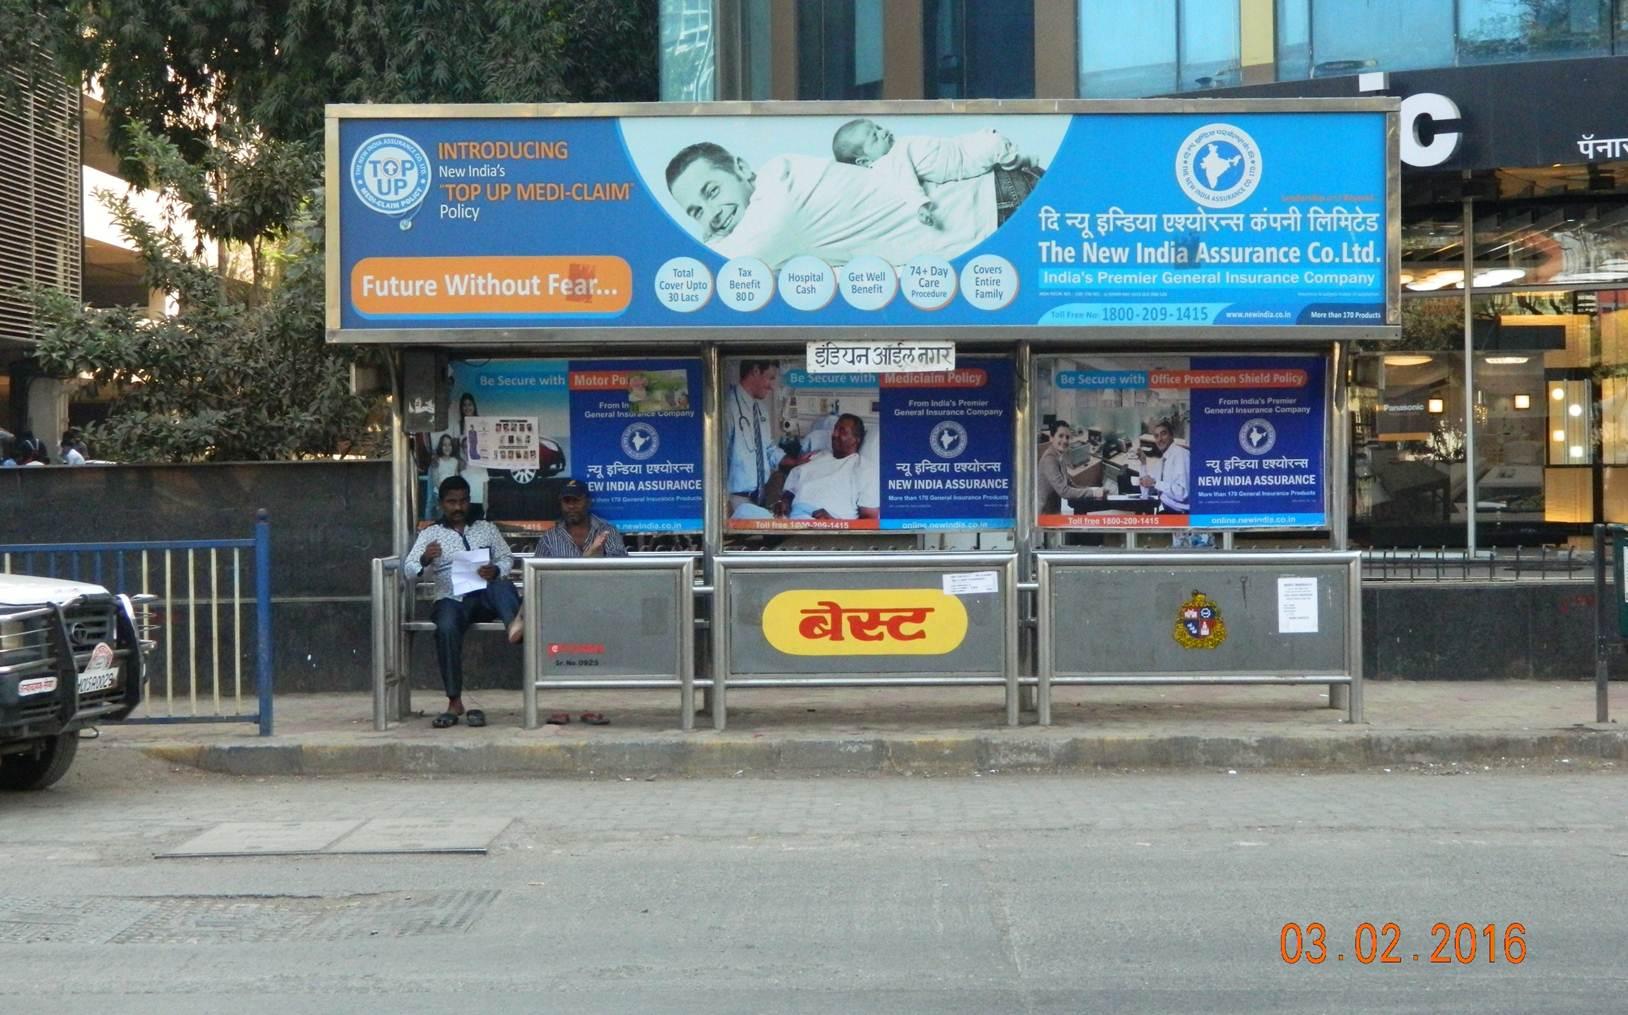 Andheri Indian Oil nagar Dn, Mumbai